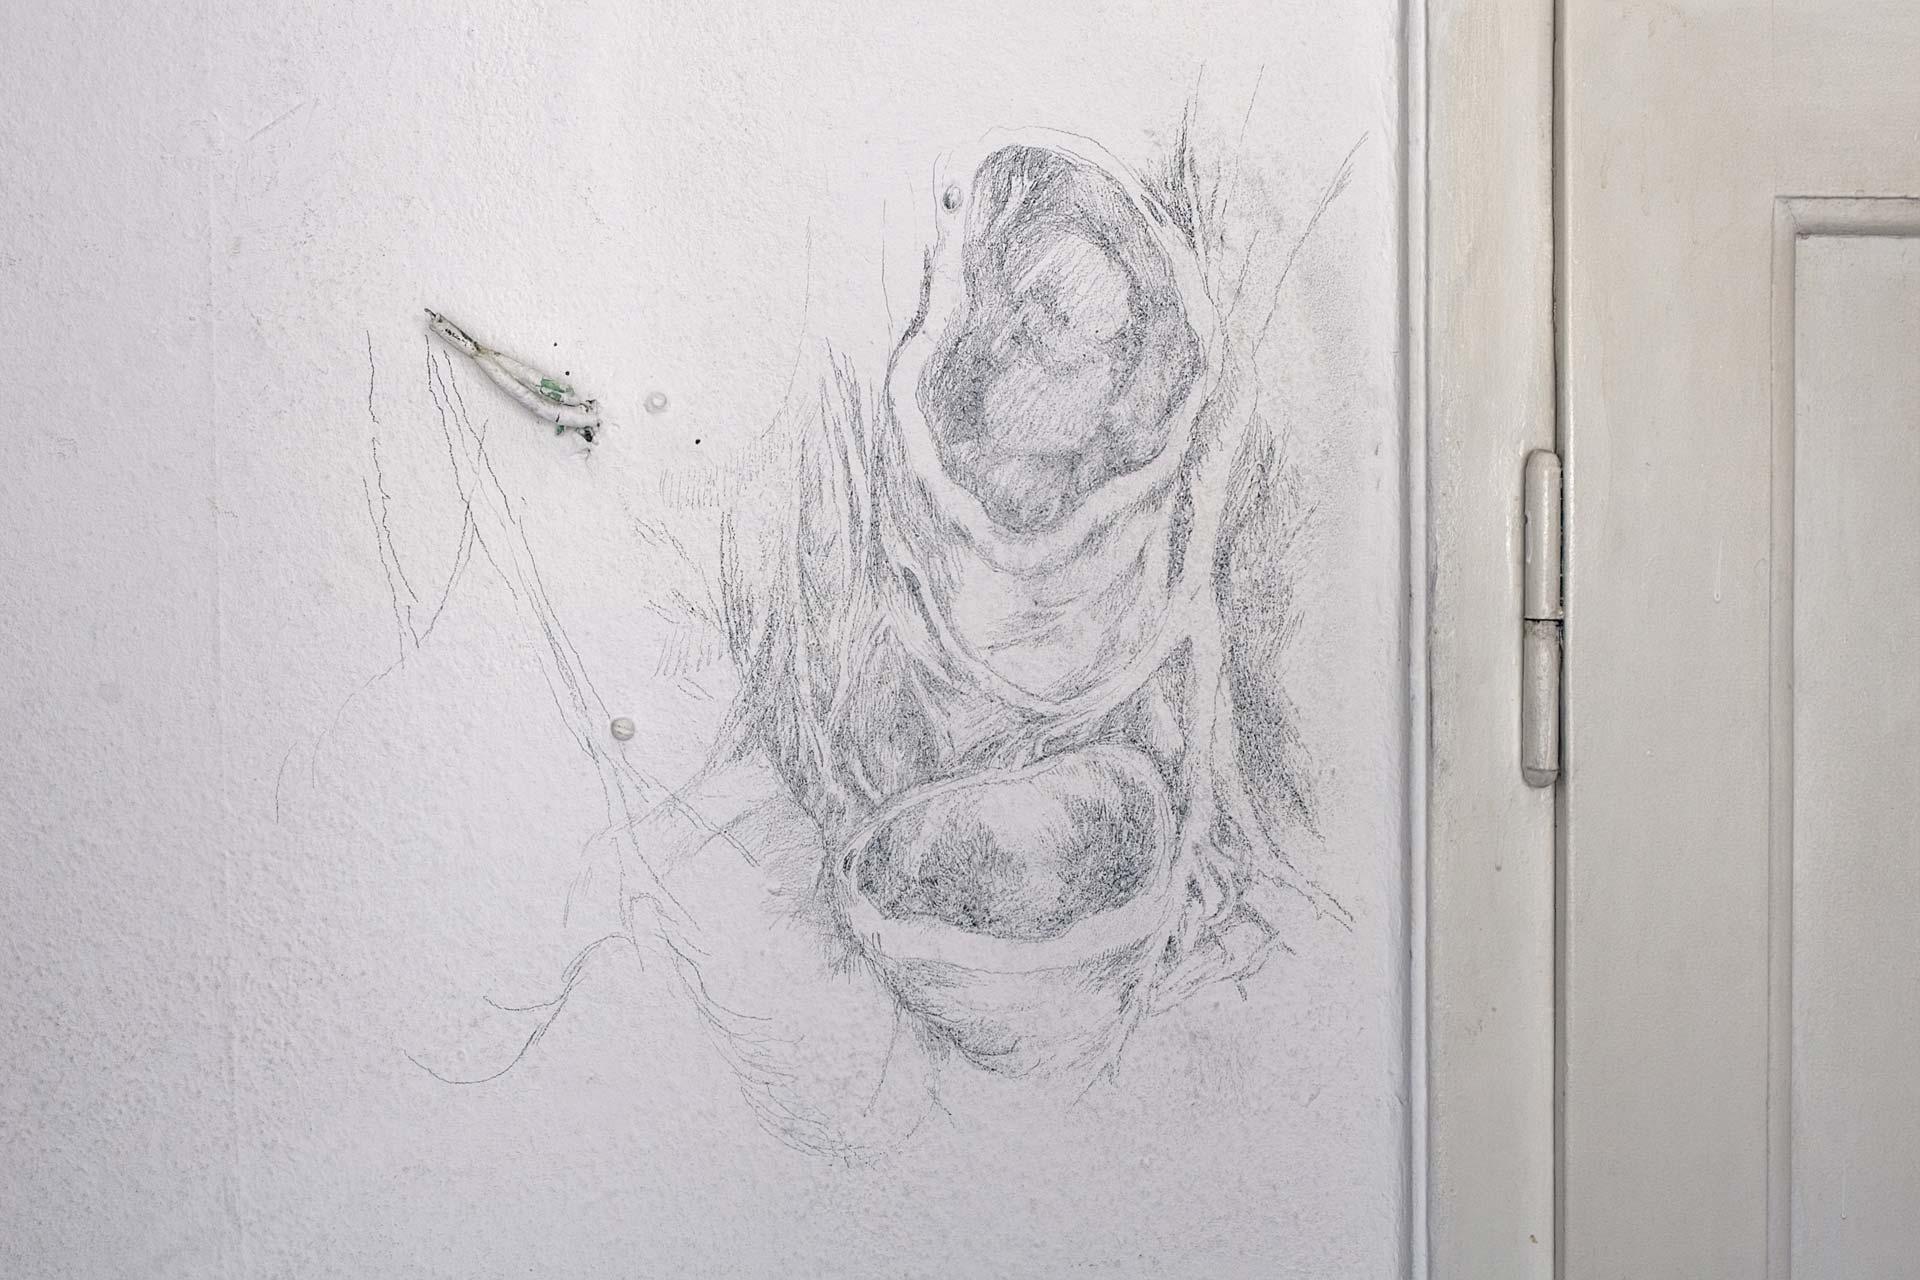 Röhren und Tür, 2008, Wandzeichnung